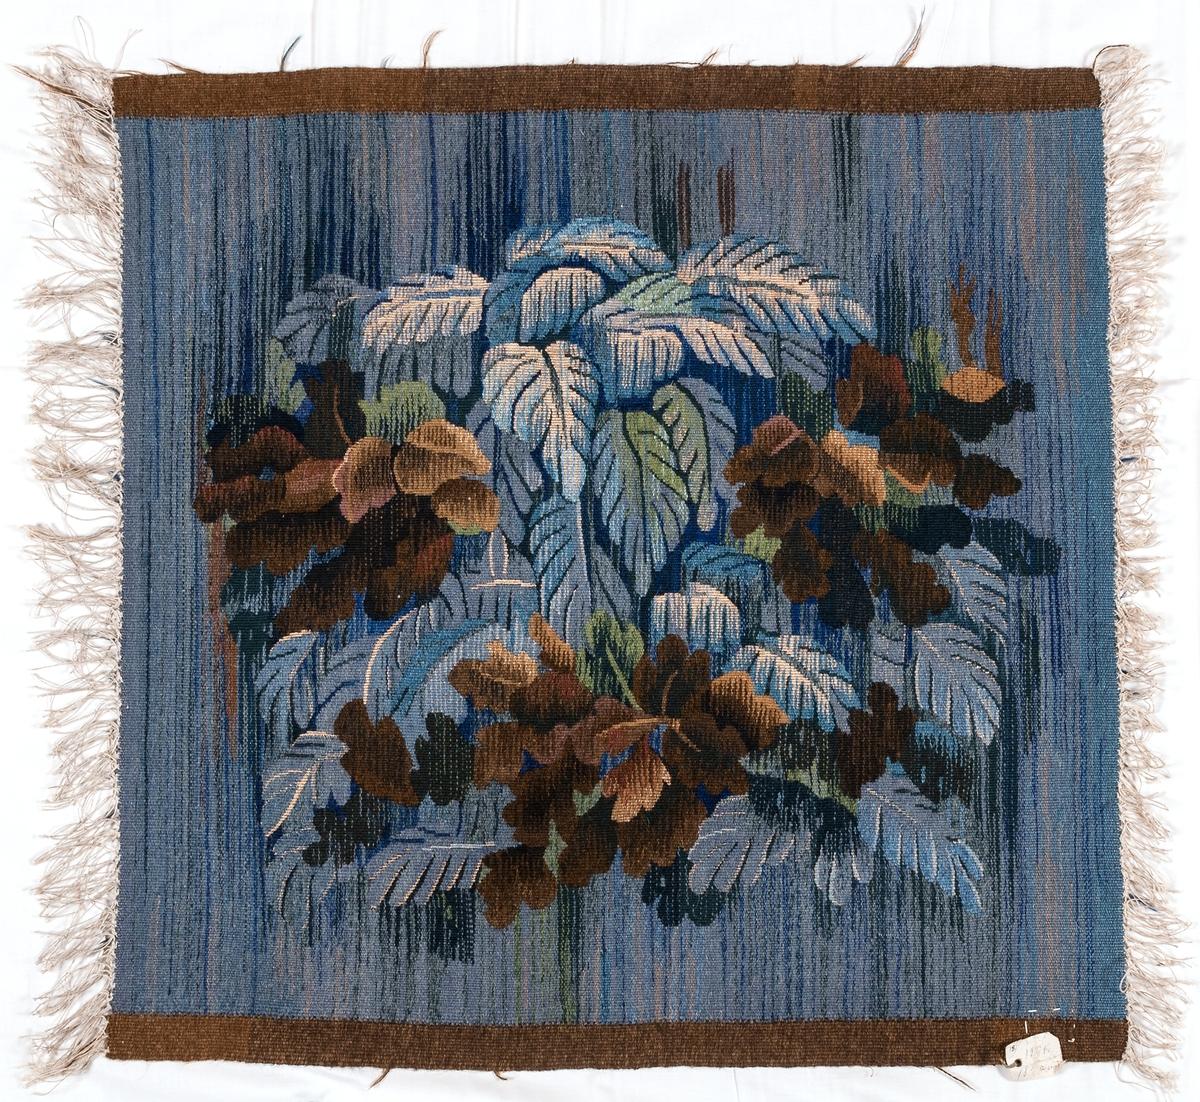 Vävnader i haute lisse, 2 st. 58 x 56, från H.V. (även HU.259). Linnevarp. Mönstergarnet persiskt garn och s.k. Carl Larssongarn i blå och bruna nyanser, något grönt och svart, samt oblekt lingarn. Komponerade av Maja Sjöström, H.V. Signerade med H.V.s märke      /inregistrerat från 1909/. Inköpta omkr. 1910 som prov till soffa och fåtöljer som senare beställdes till Hofors herrgård med detta tyg.